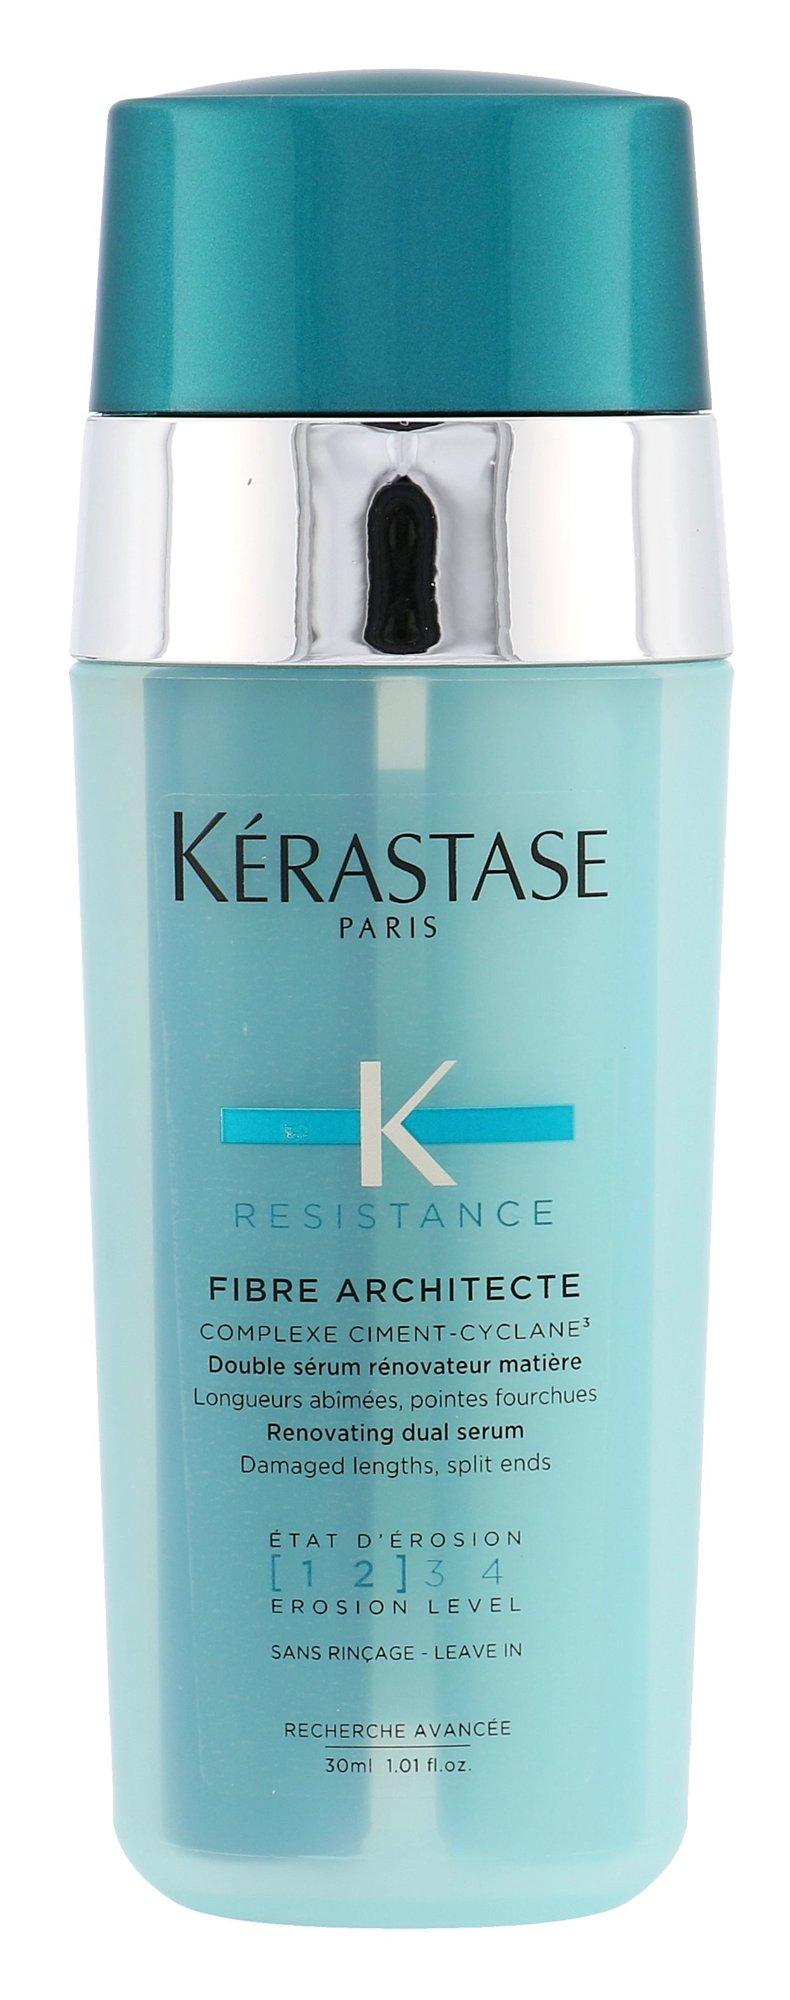 Kérastase Résistance Cosmetic 30ml